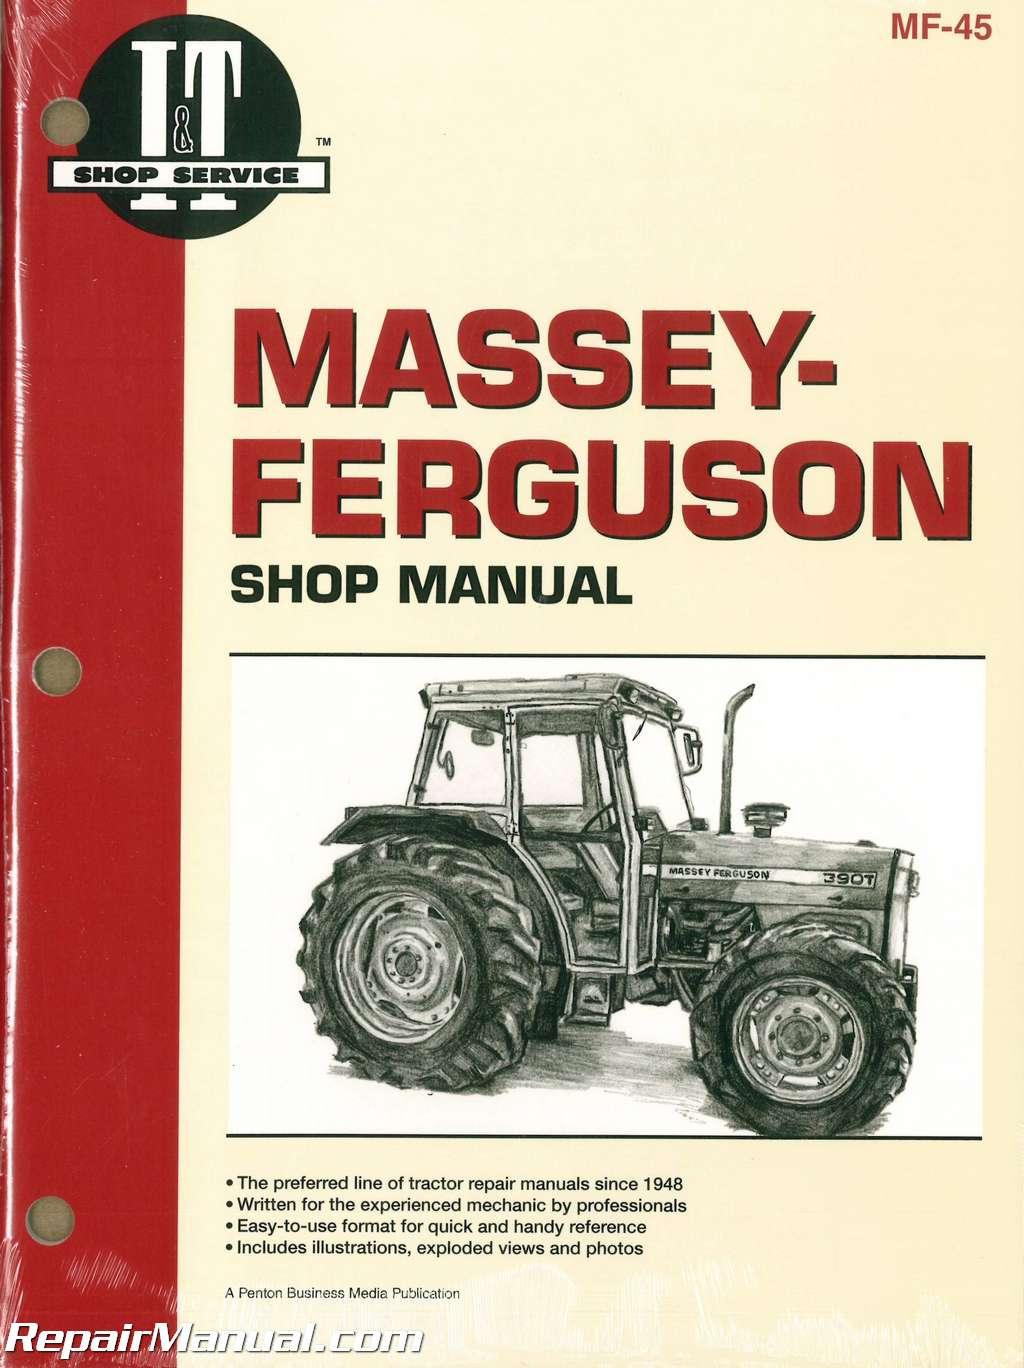 95 massey ferguson wiring diagram massey ferguson schematics